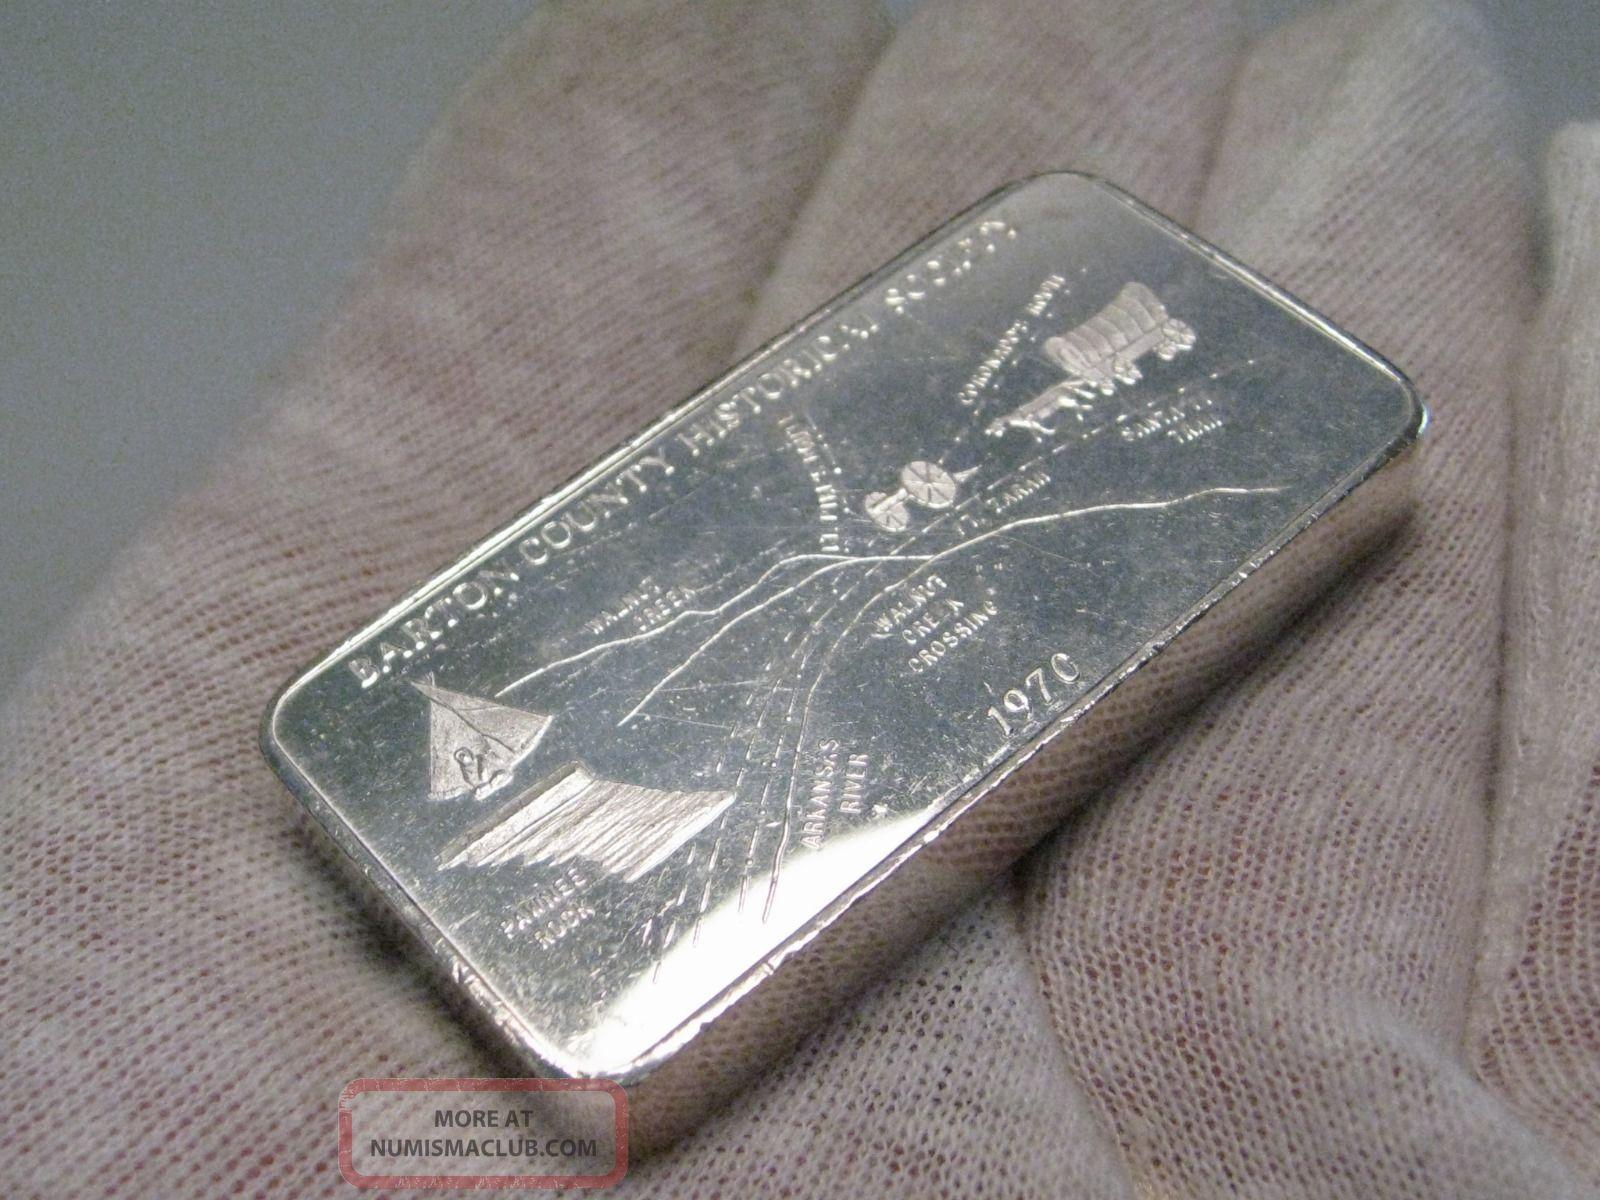 Rare 1970 Foster Wallawalla Wa 3 Tr Oz 999 Silver Bar